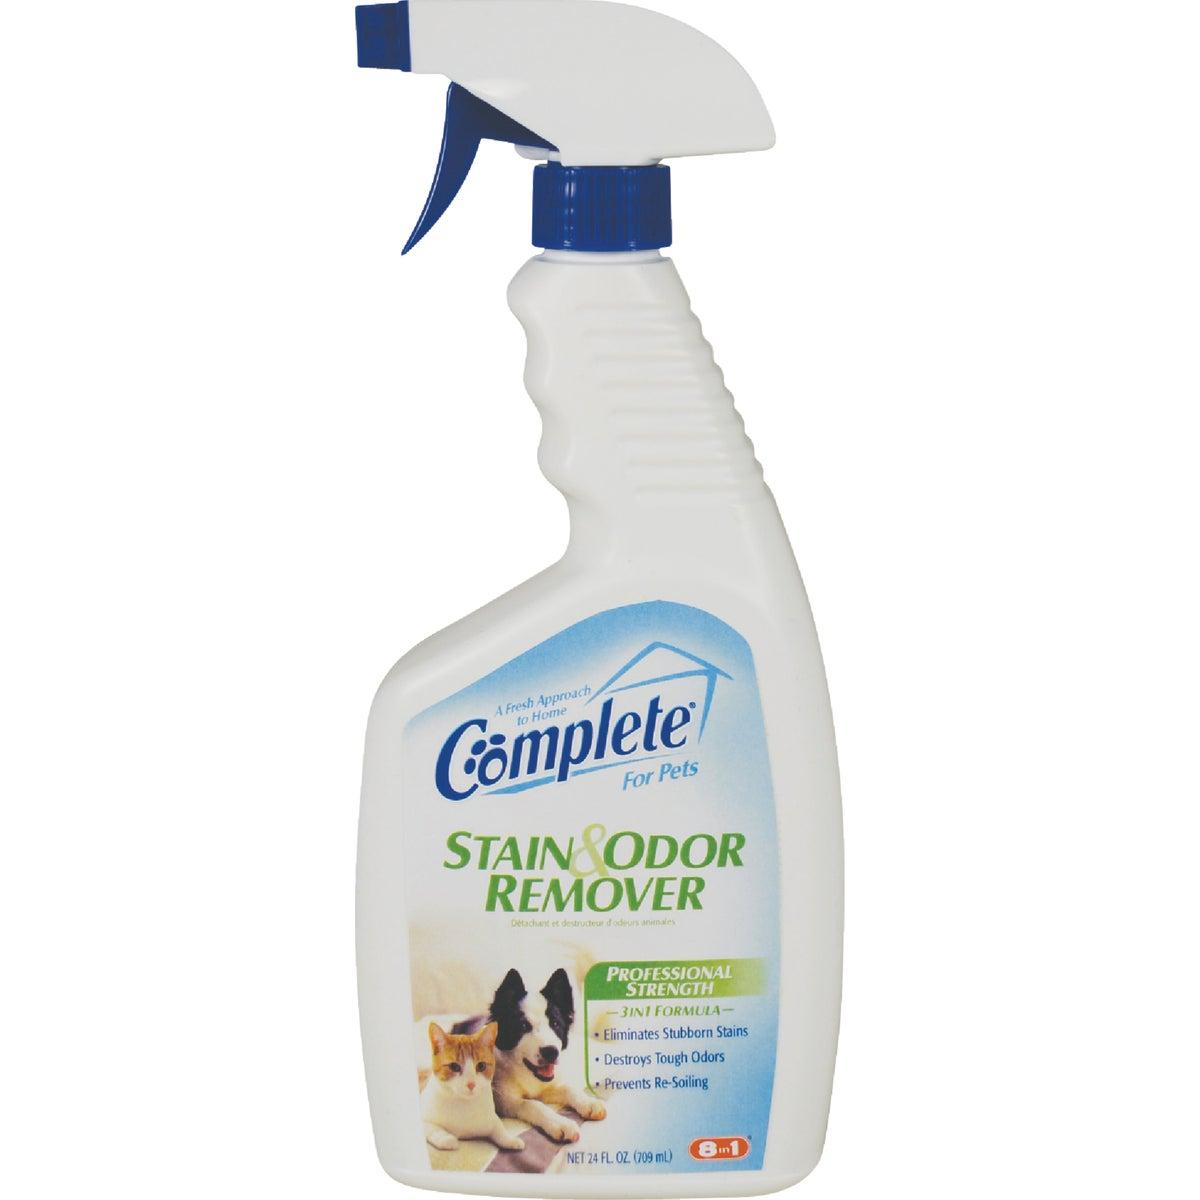 24Oz Stain/Odor Remover